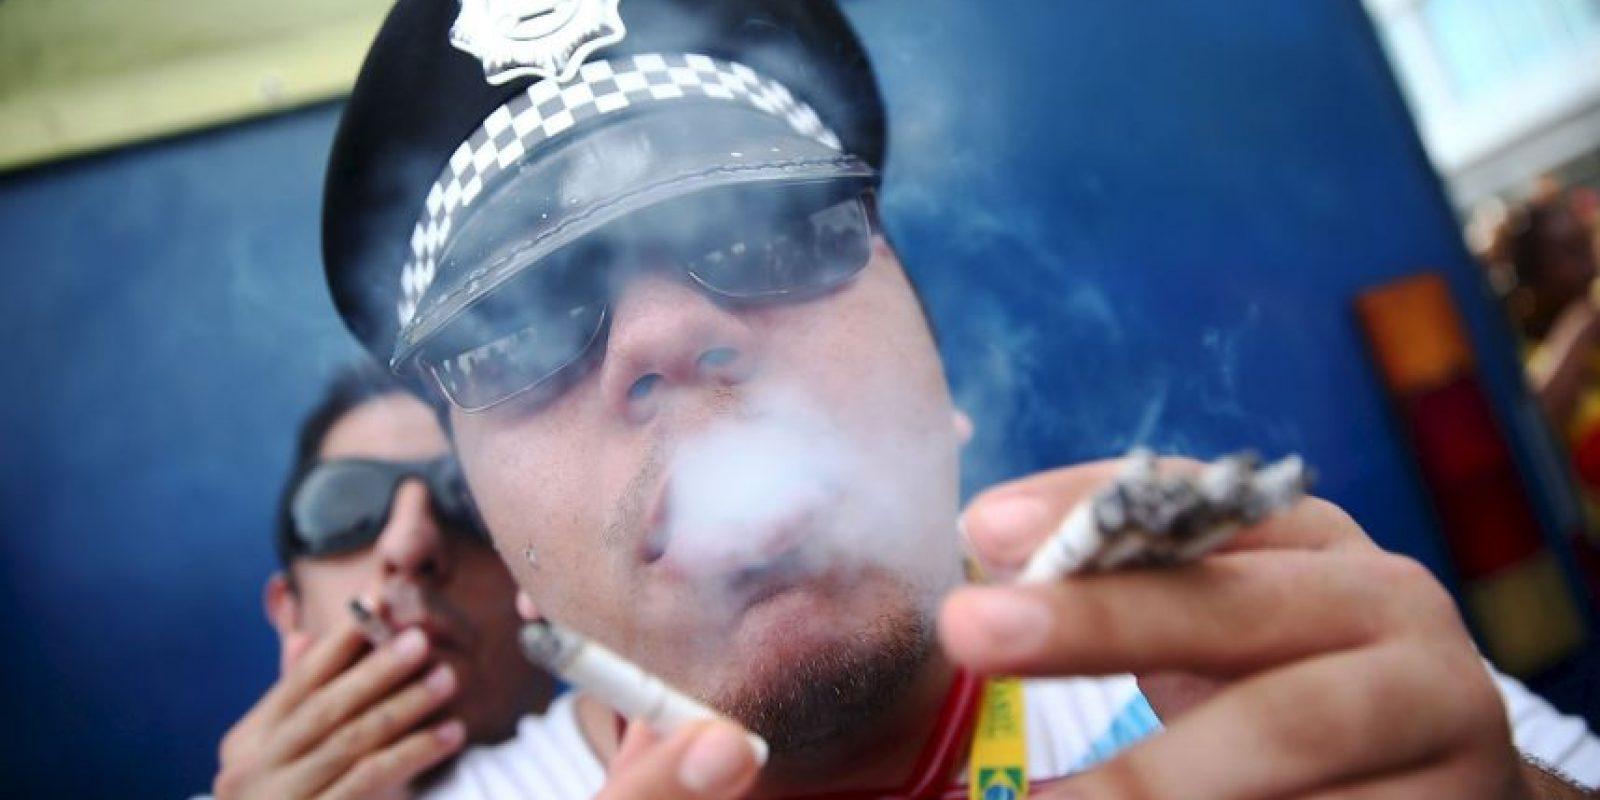 5. El cigarro disminuye la flexibilidad de la piel. Foto:Getty Images